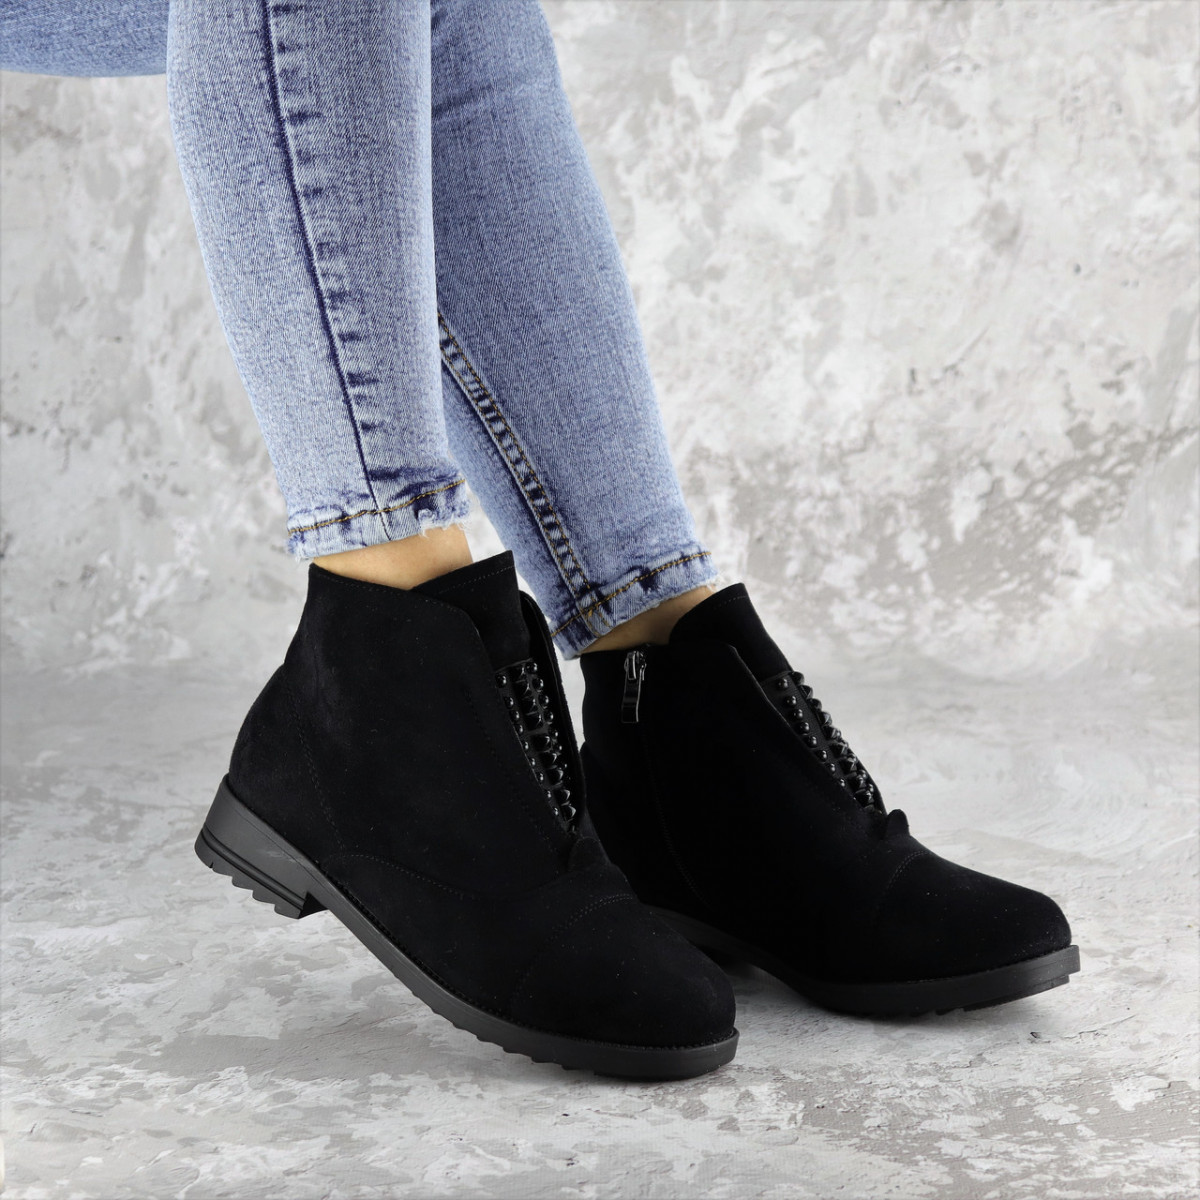 Ботинки женские зимние черные Fobar 2273 (38 размер)